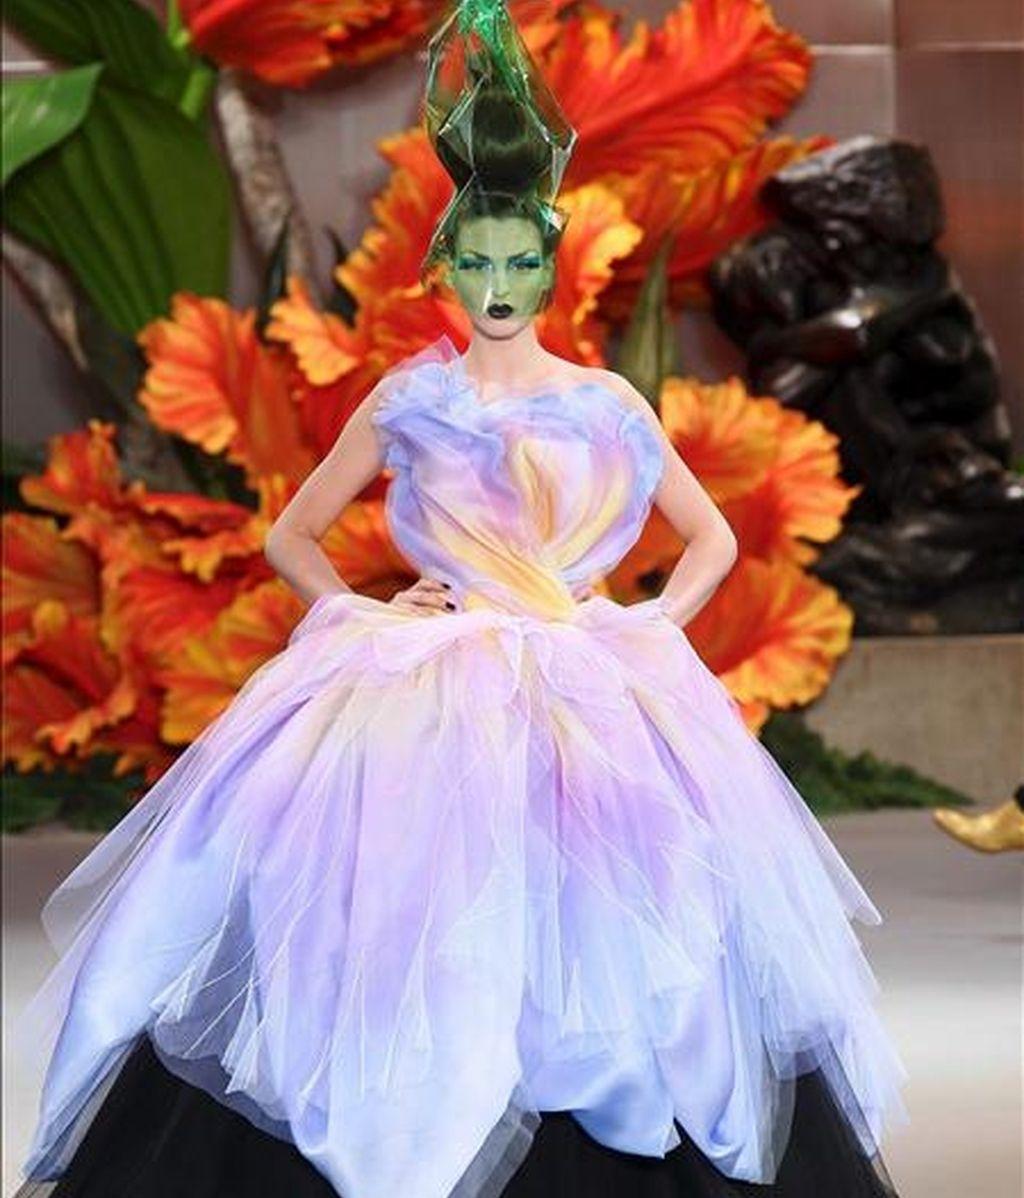 Una modelo desfila por la pasarela con una creación de la casa Christian Dior para la próxima temporada invernal, durante la semana de la alta costura francesa que se celebra en París, Francia, el 5 de julio de 2010. EFE